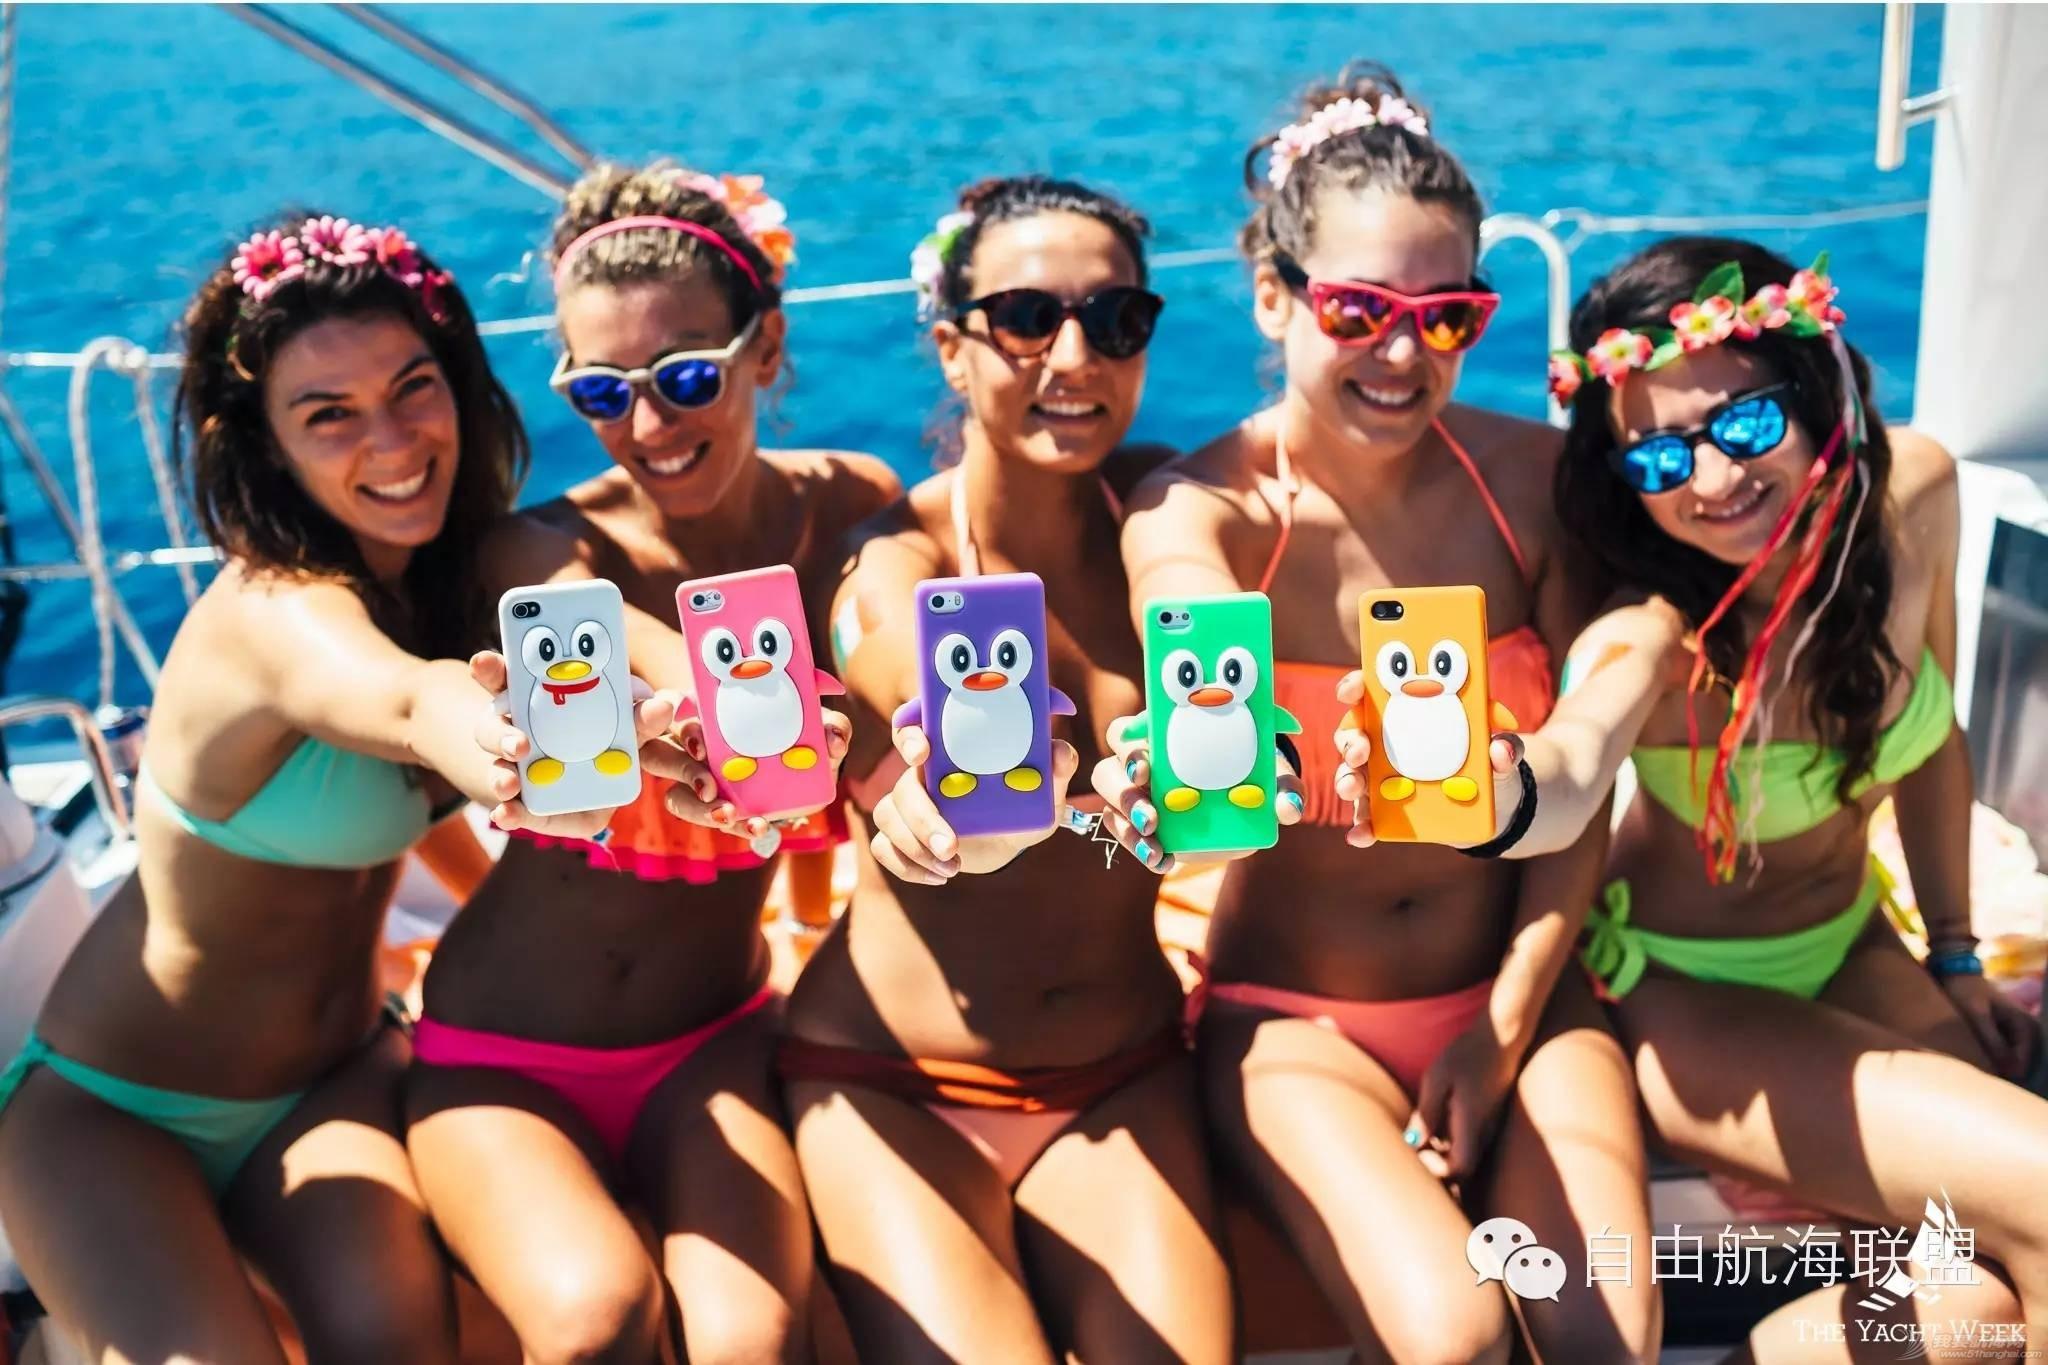 2015年圣诞节最酷活动——泰国TYW帆船周:海上音乐帆船派对召集令 d66b8abdfc188cdd18f37c2ba545a092.jpg